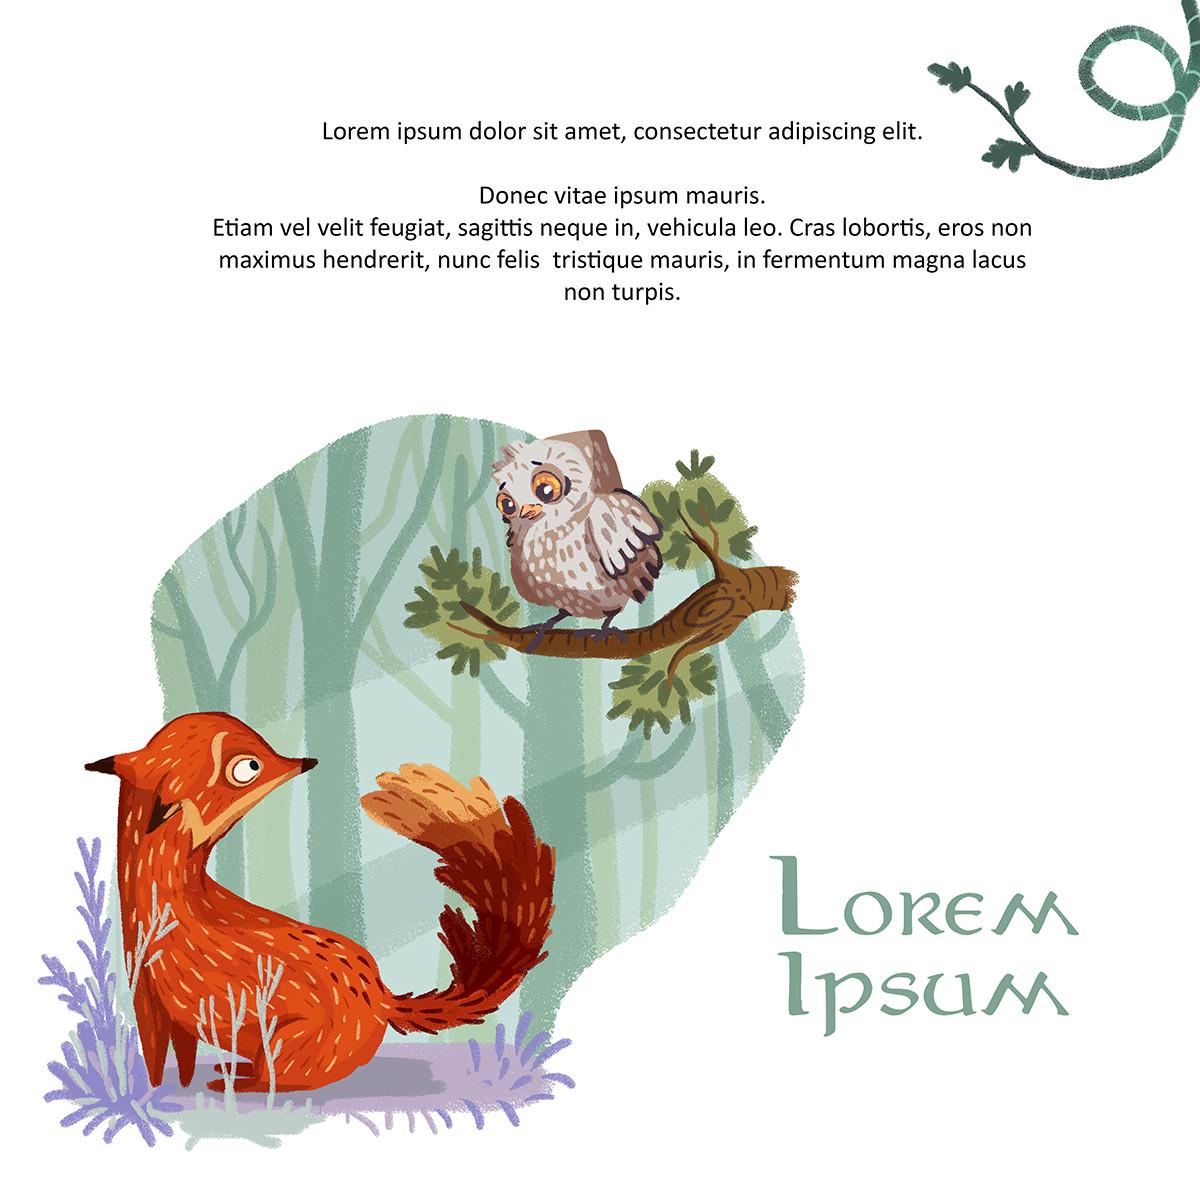 Vanessa morales foxes lorem ipsum